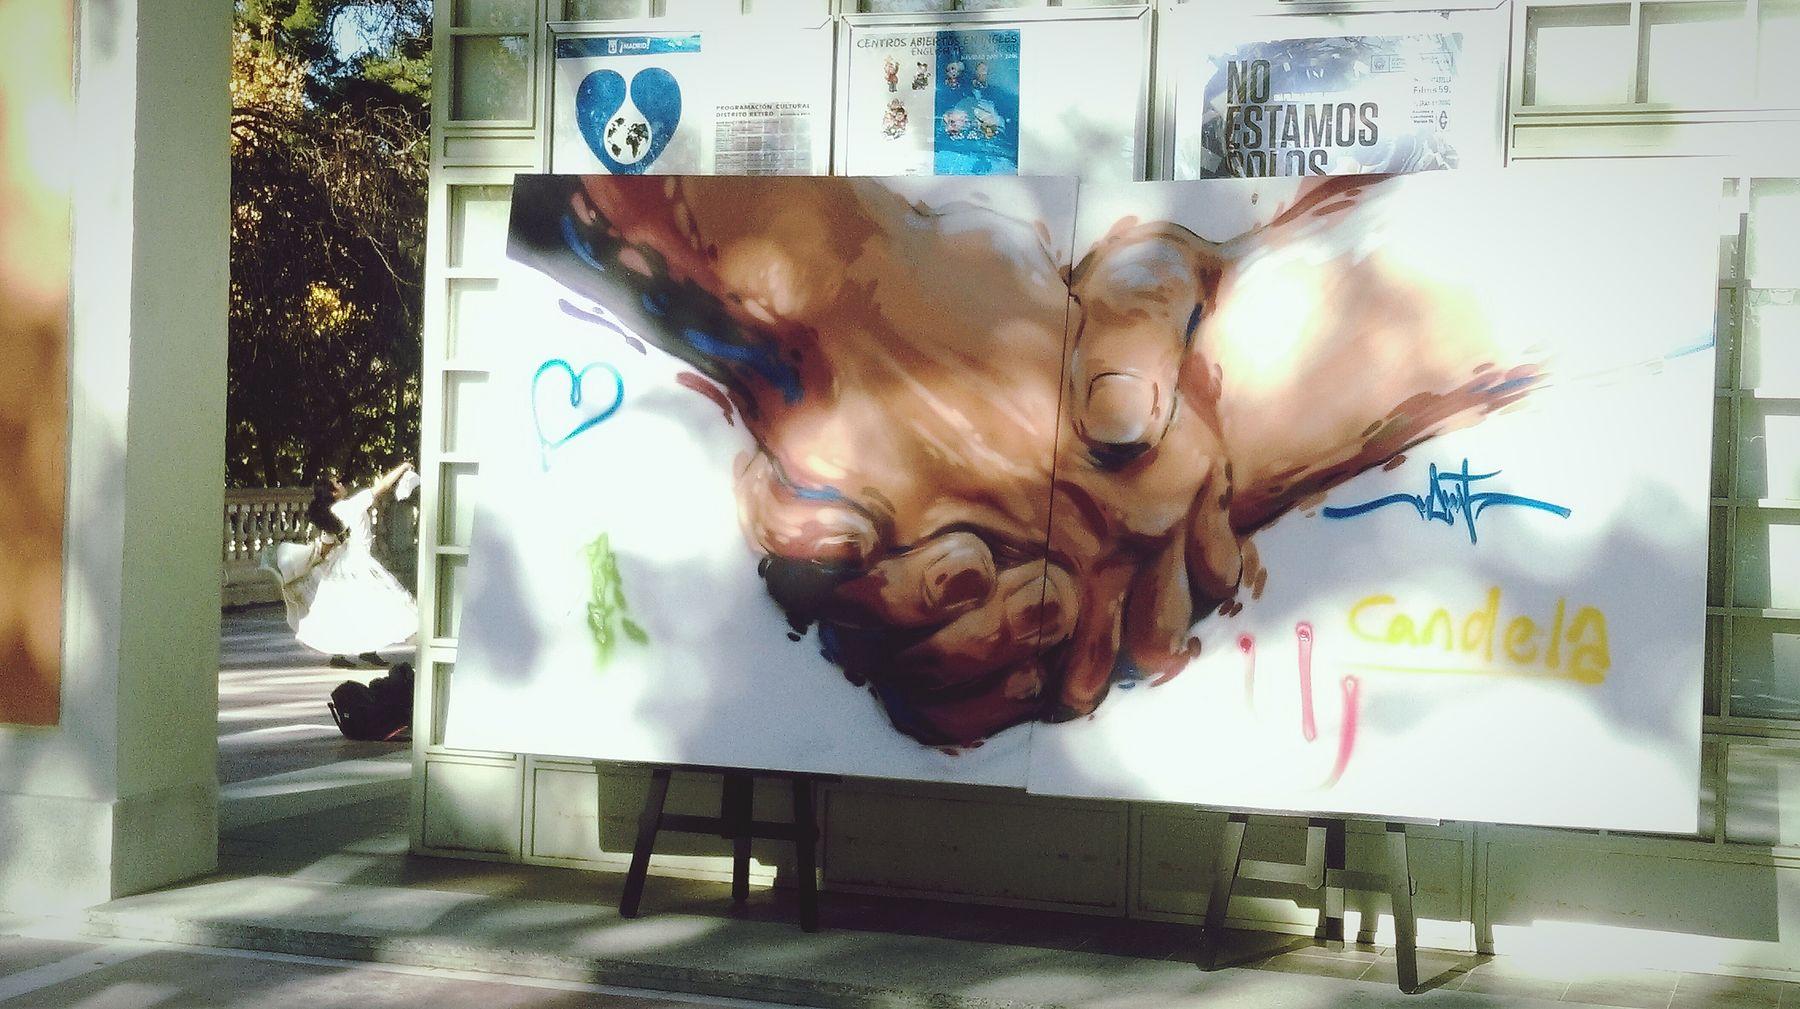 Taking Photos Urban Graffitis Enjoying Life